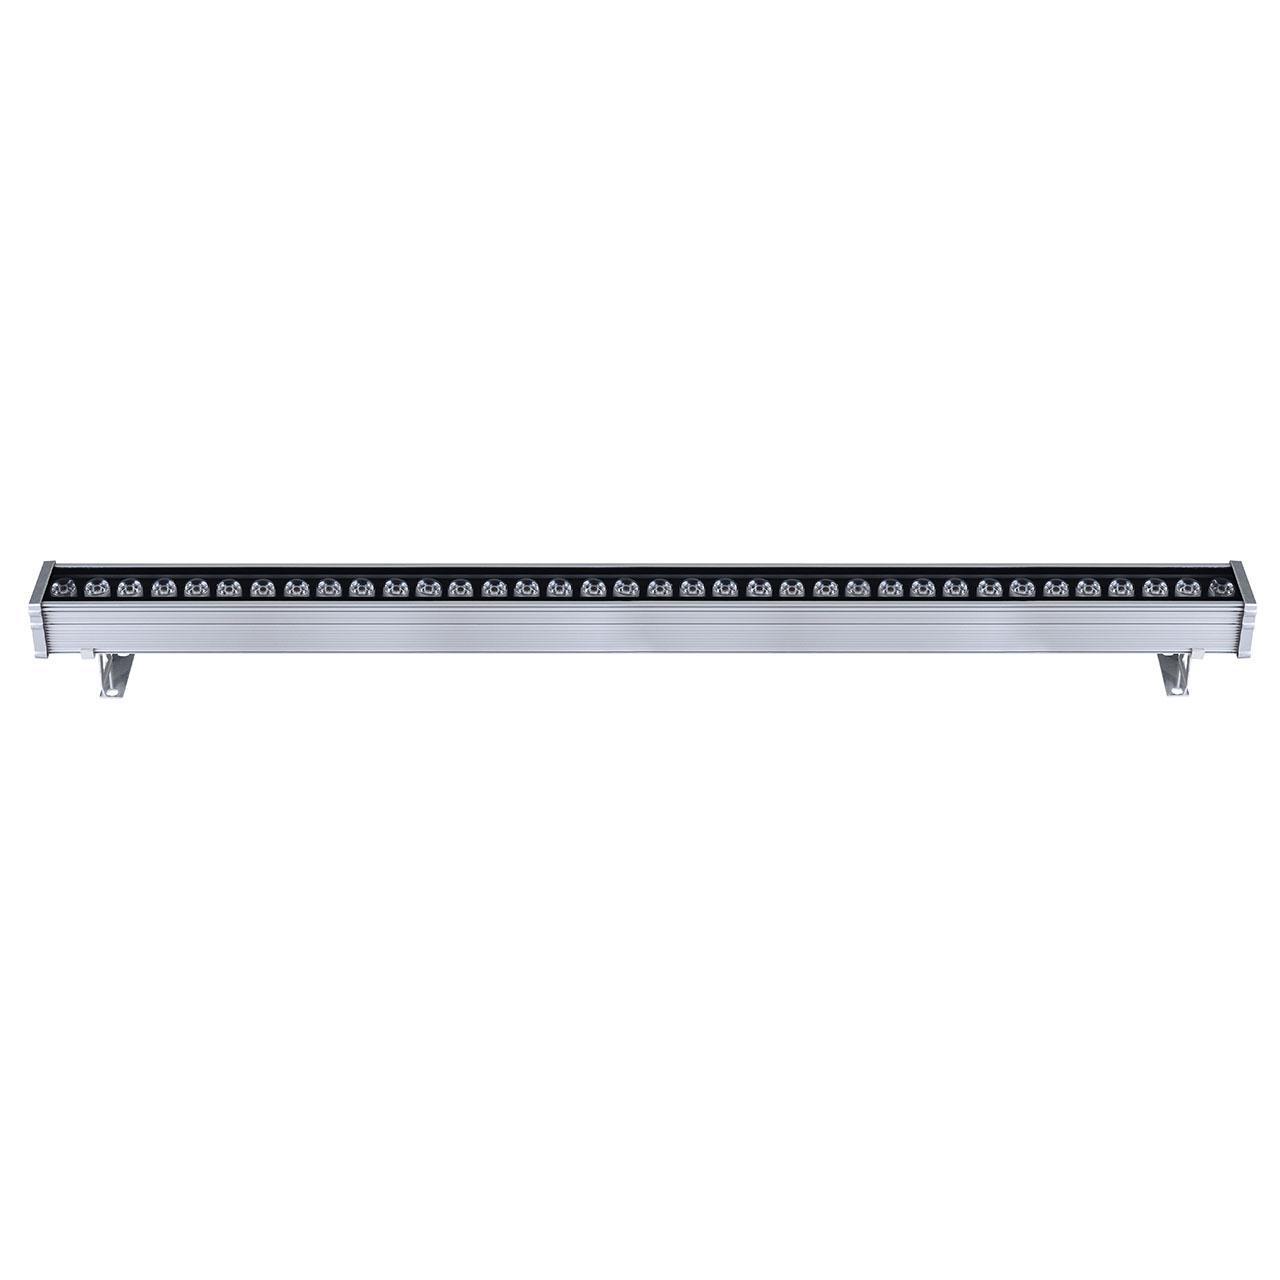 Уличный светодиодный светильник Horoz Regal 36W амбер 109-001-0036 цена